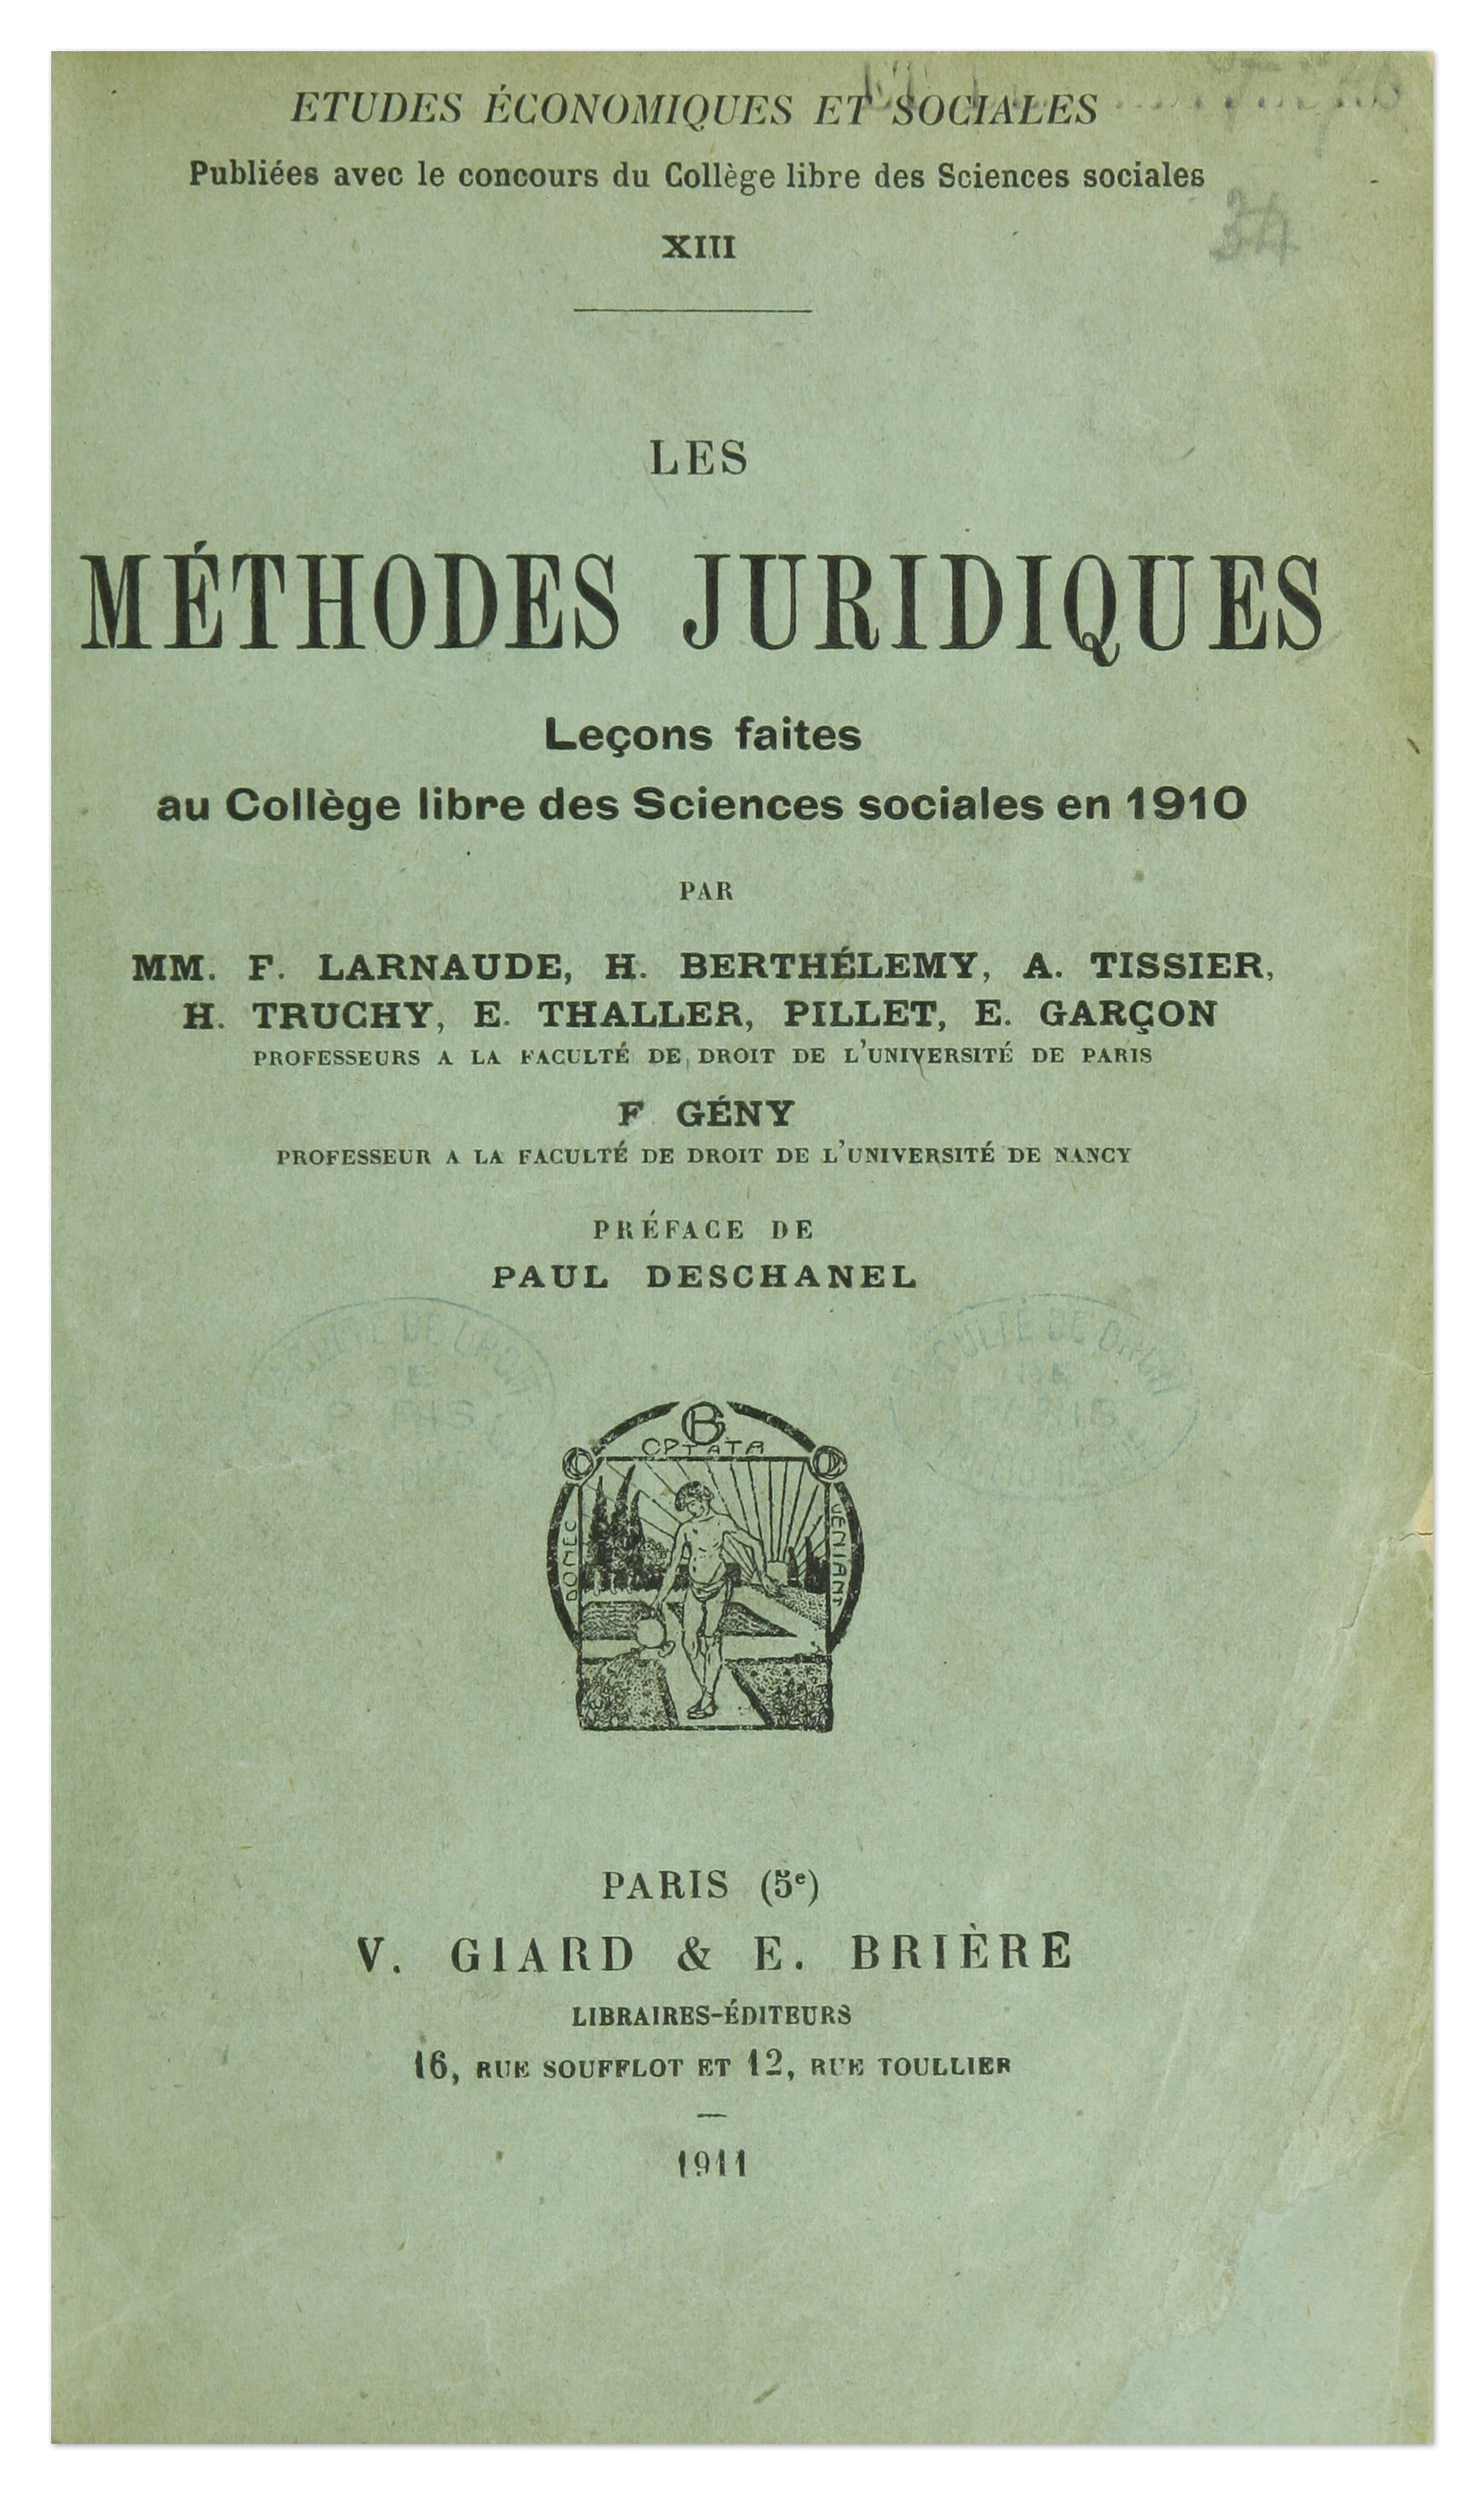 <em>Les méthodes juridiques : leçons faites au Collège libre des sciences sociales en 1910</em>